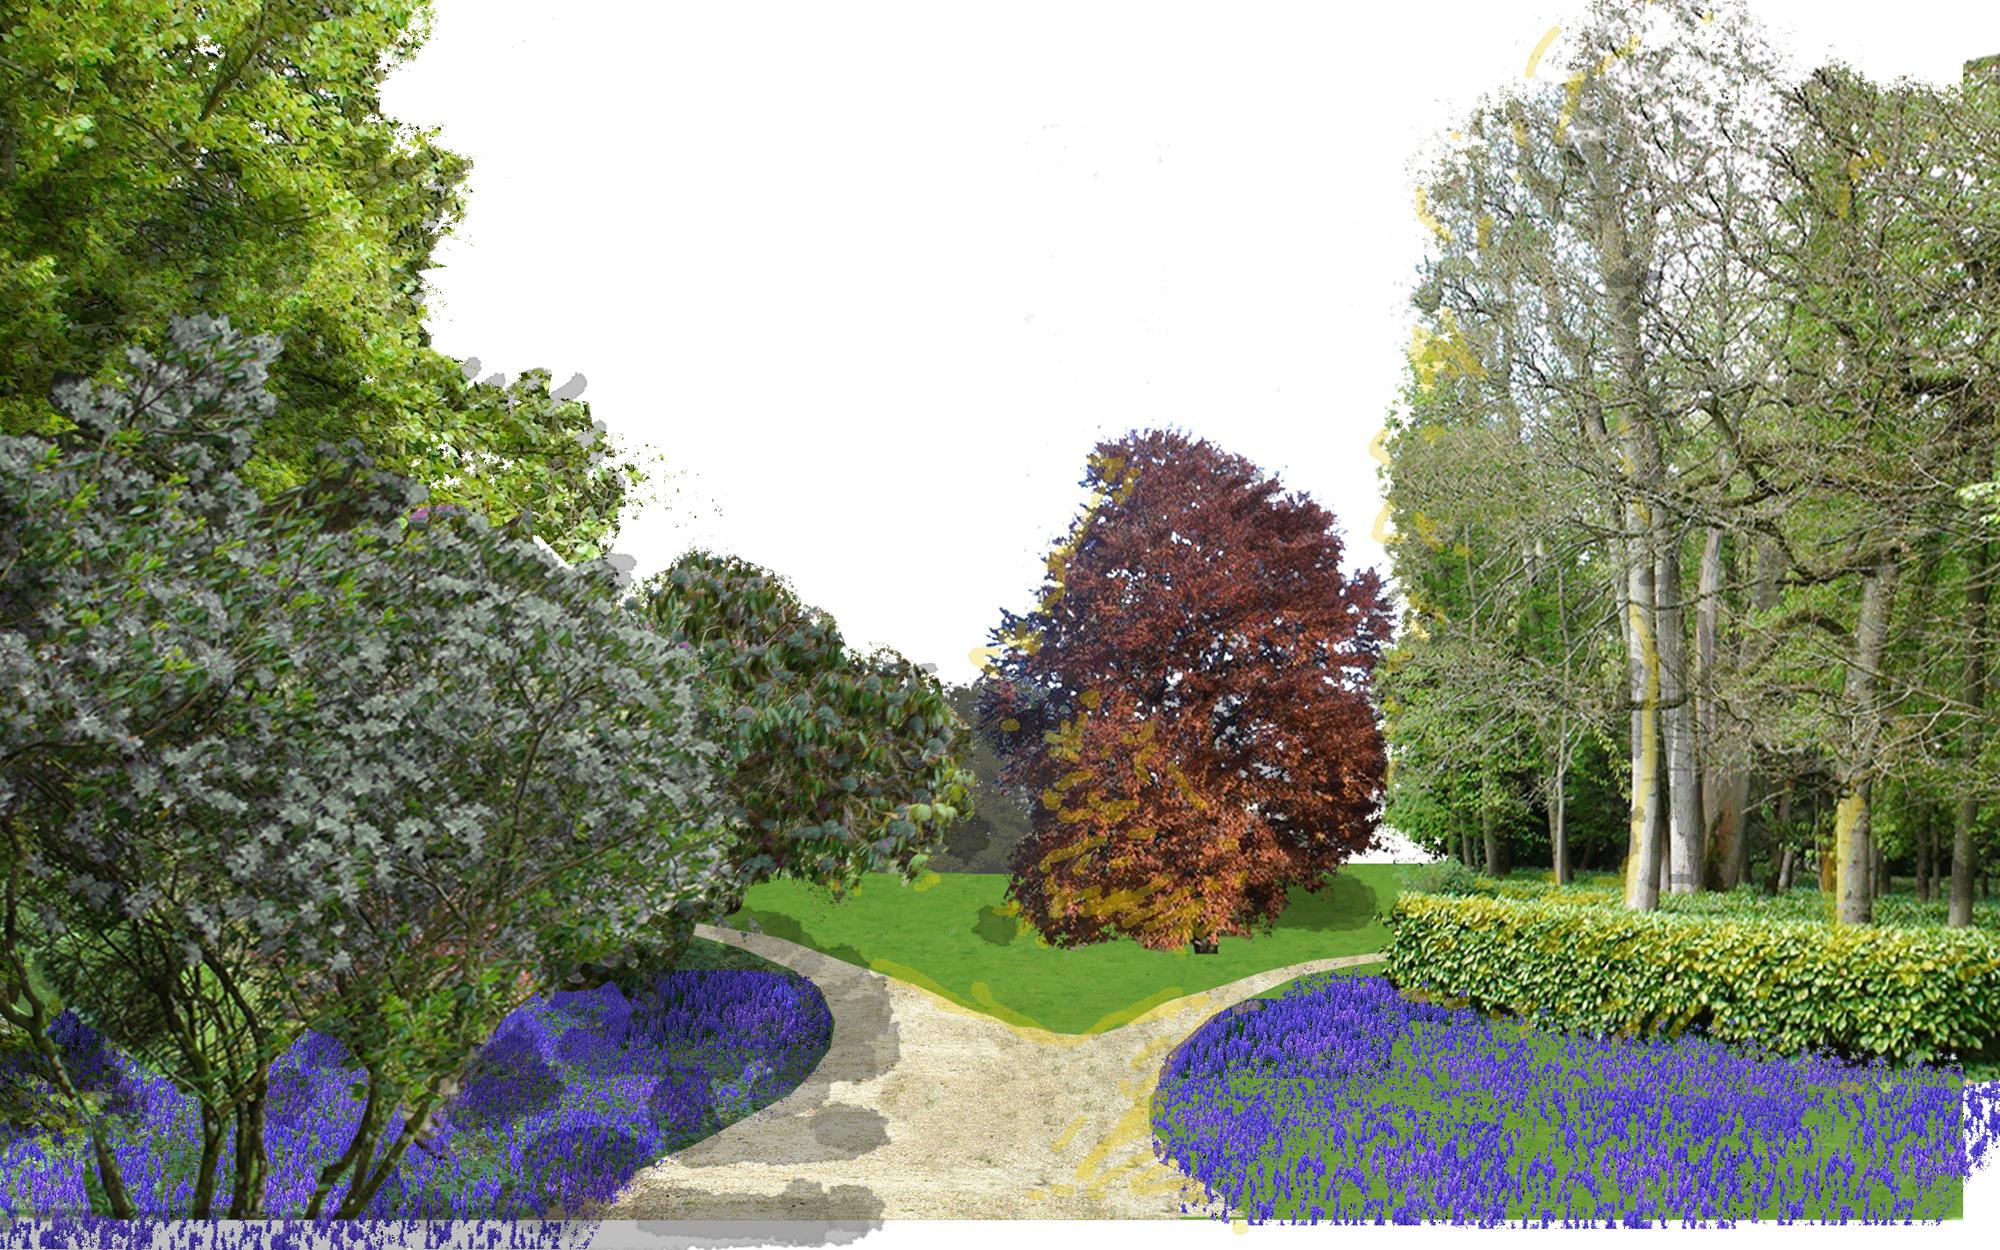 Hélène Soulier paysagiste Bordeaux, enseignante Ecole Nationale Supérieure d'Architecture et du Paysage de Bordeaux, ensapBx, jardins, châteaux, installations, workshops, Chateaux Bellevue